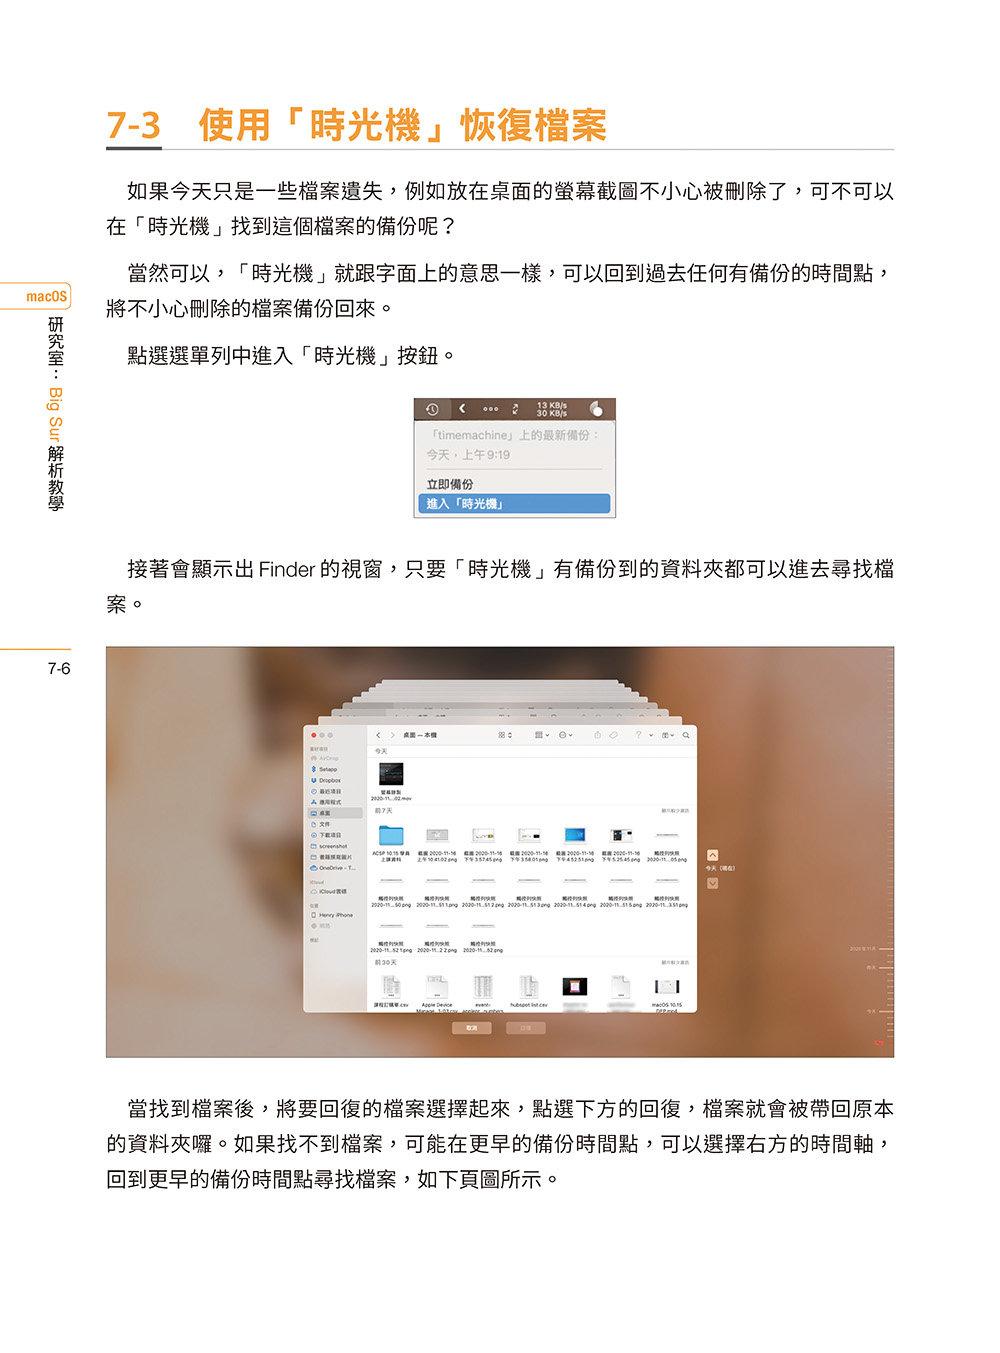 macOS 研究室:Big Sur 解析教學-preview-6